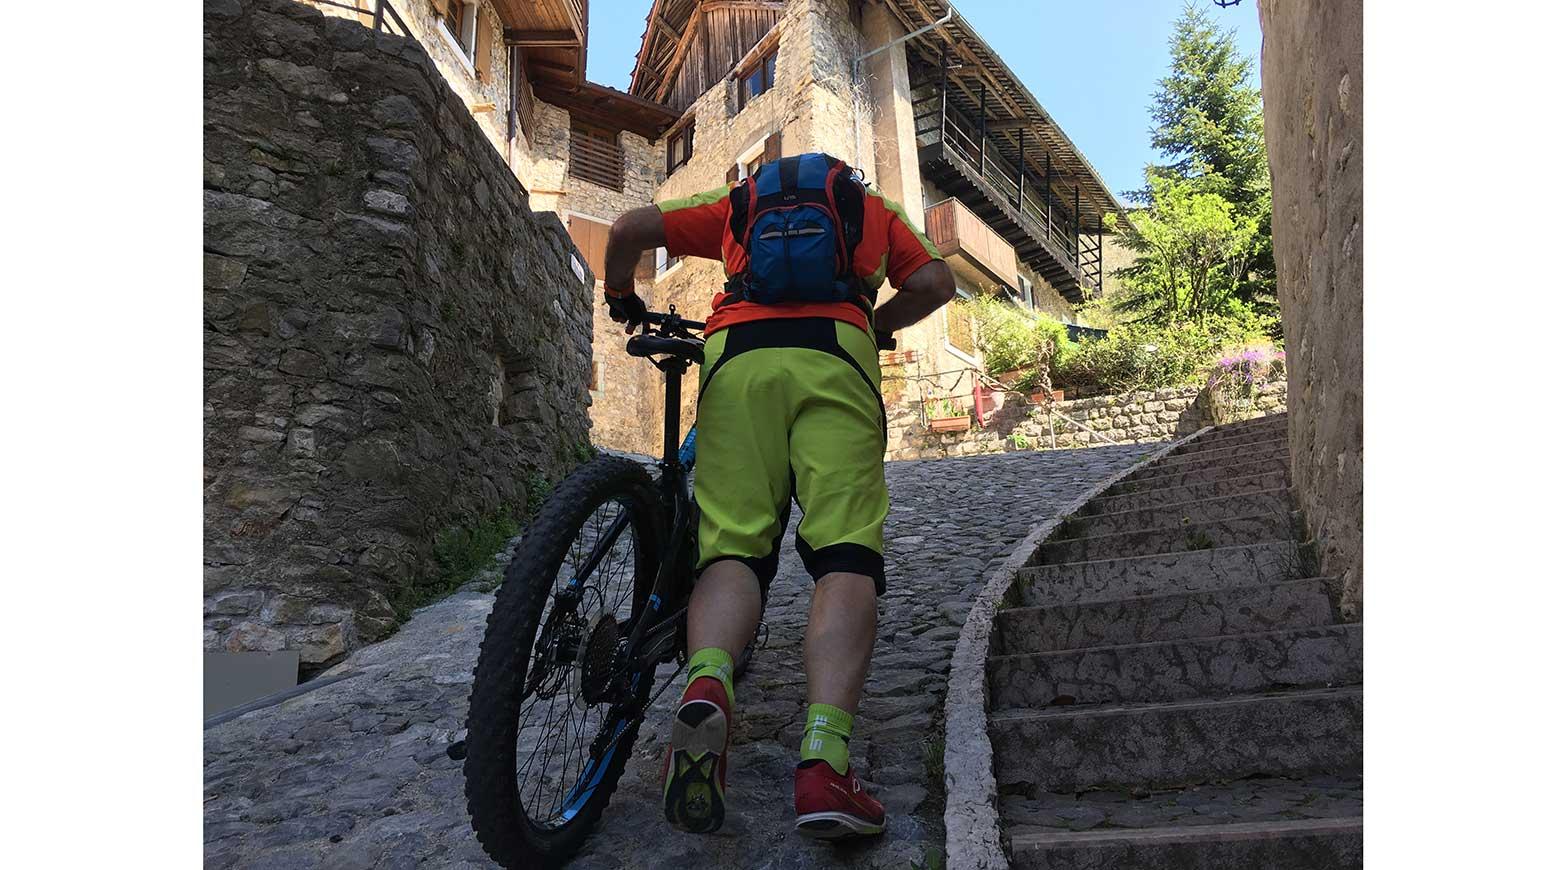 Leserreise Gardasee: Steile Stelle in Canale